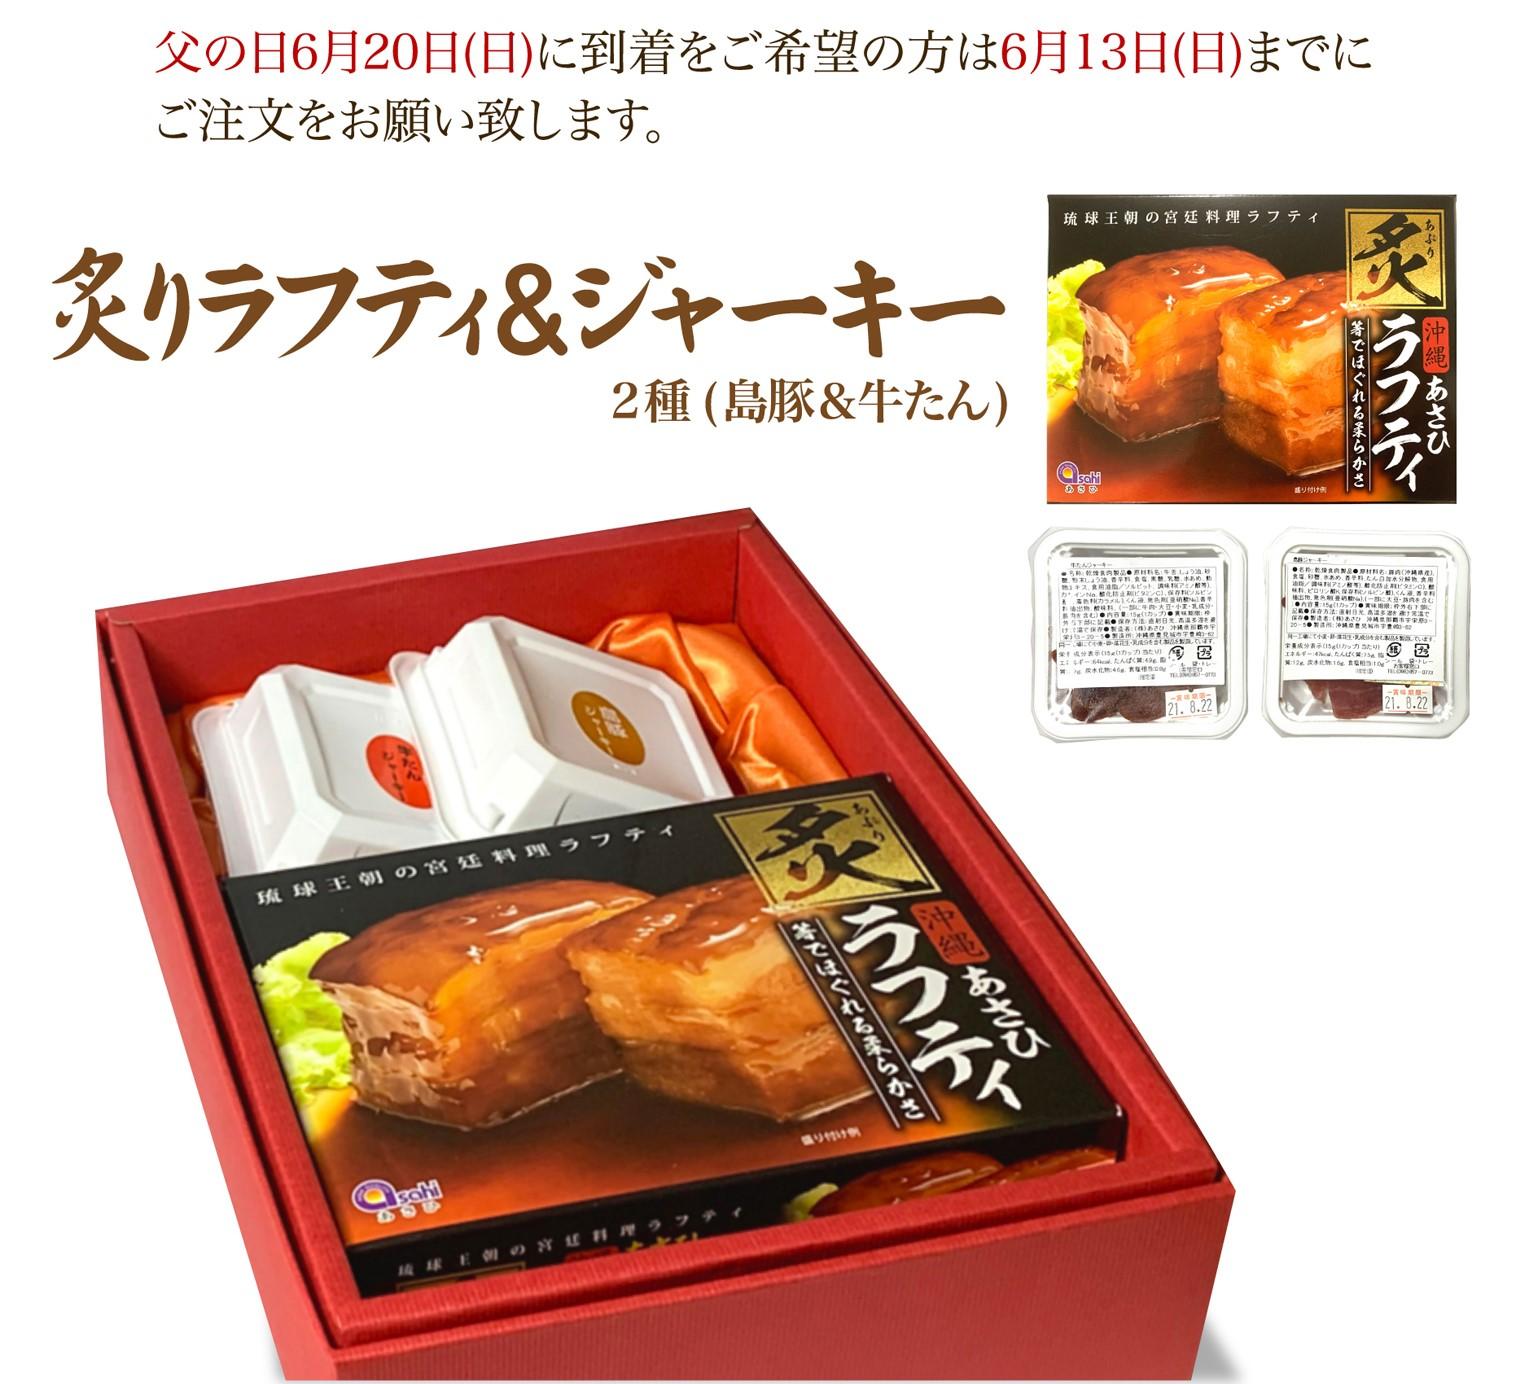 炙りラフティ&ジャーキー2種 外箱バナー